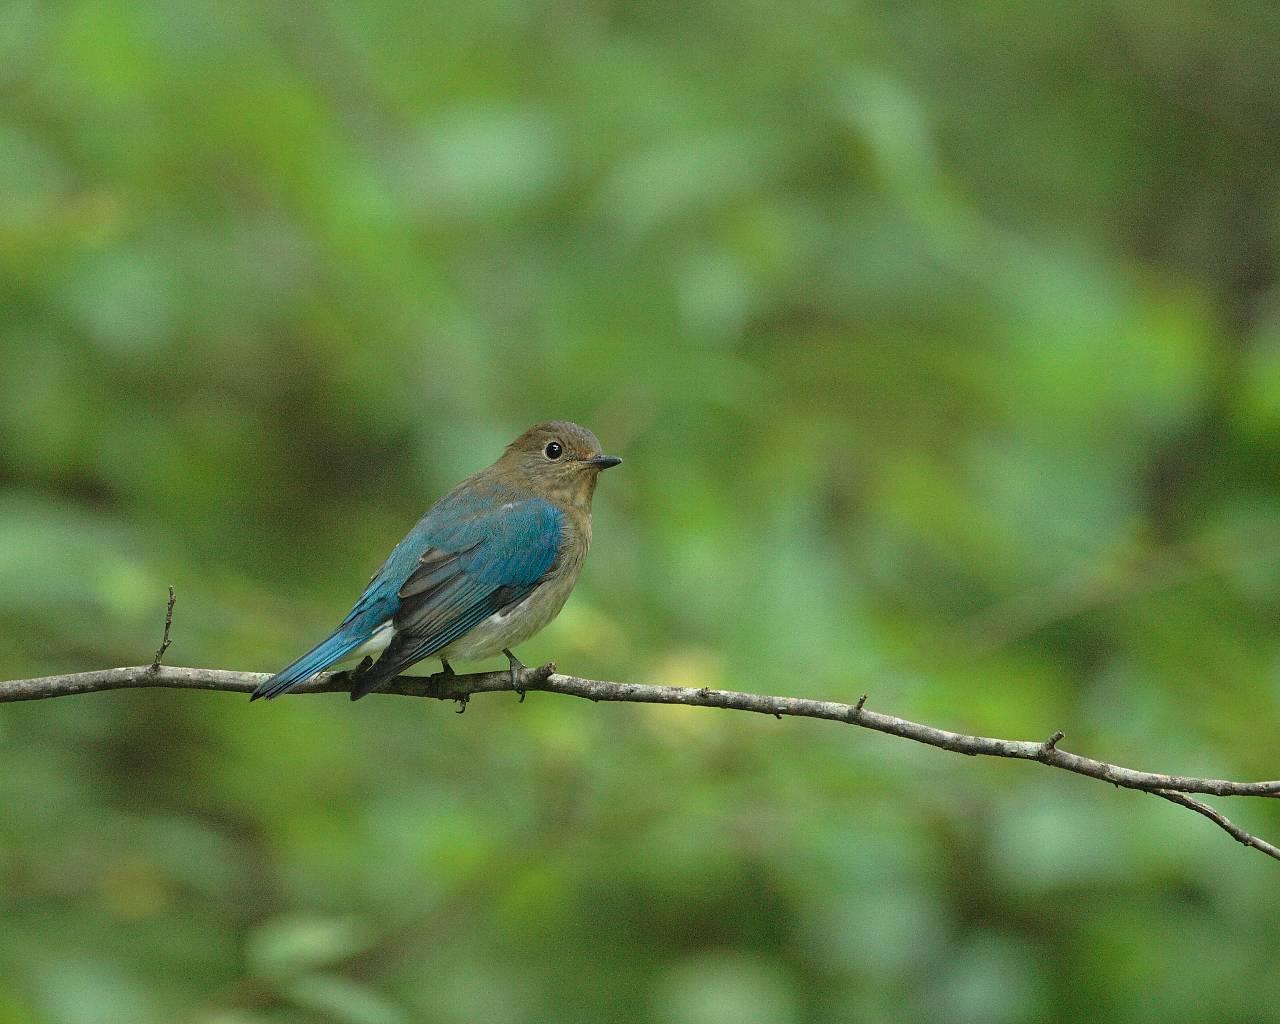 オオルリの若雄(グリーンバックの可愛い若鳥)_f0105570_22382752.jpg